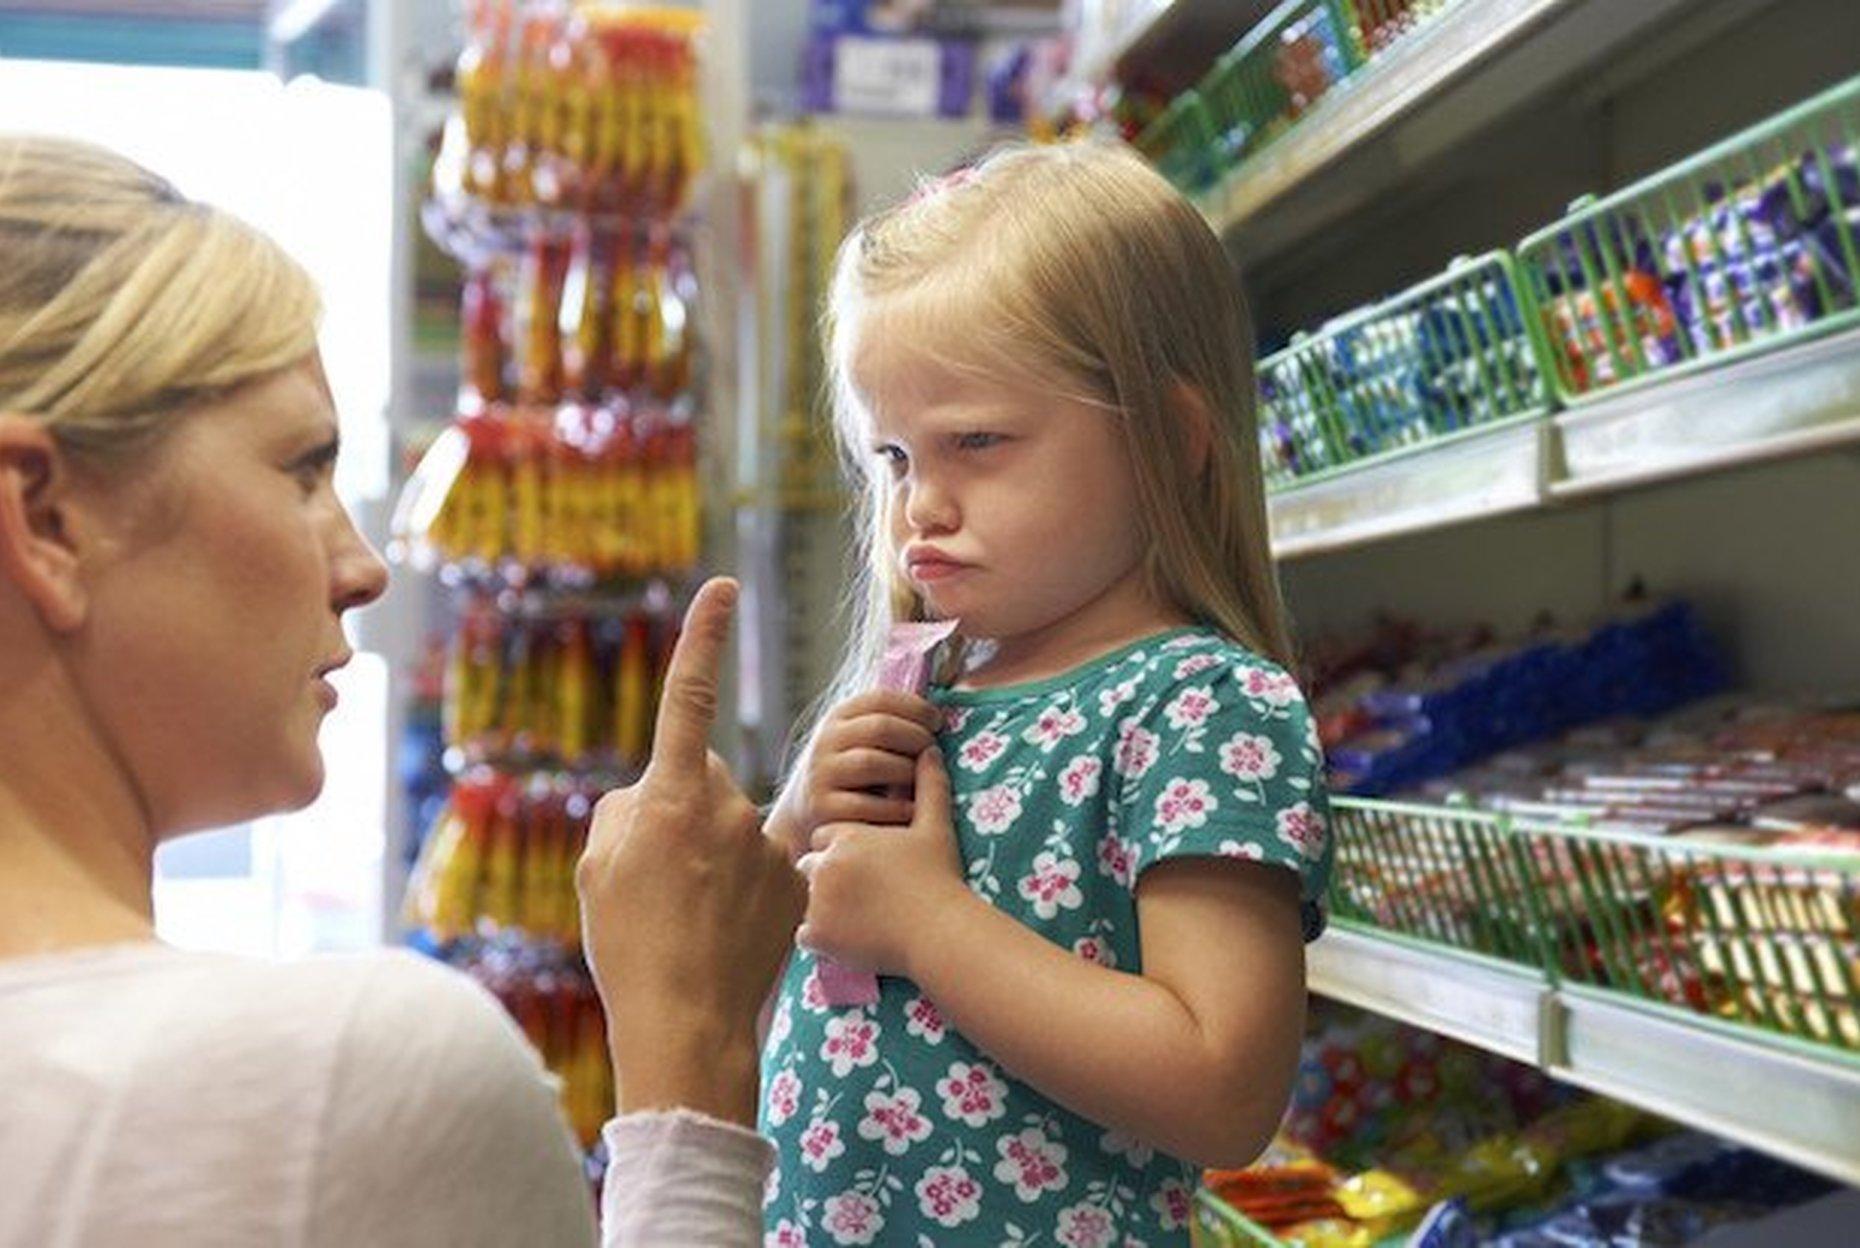 'купи!' ребенок в магазине: как избежать истерики и плохого поведения. поведение ребенка в магазине